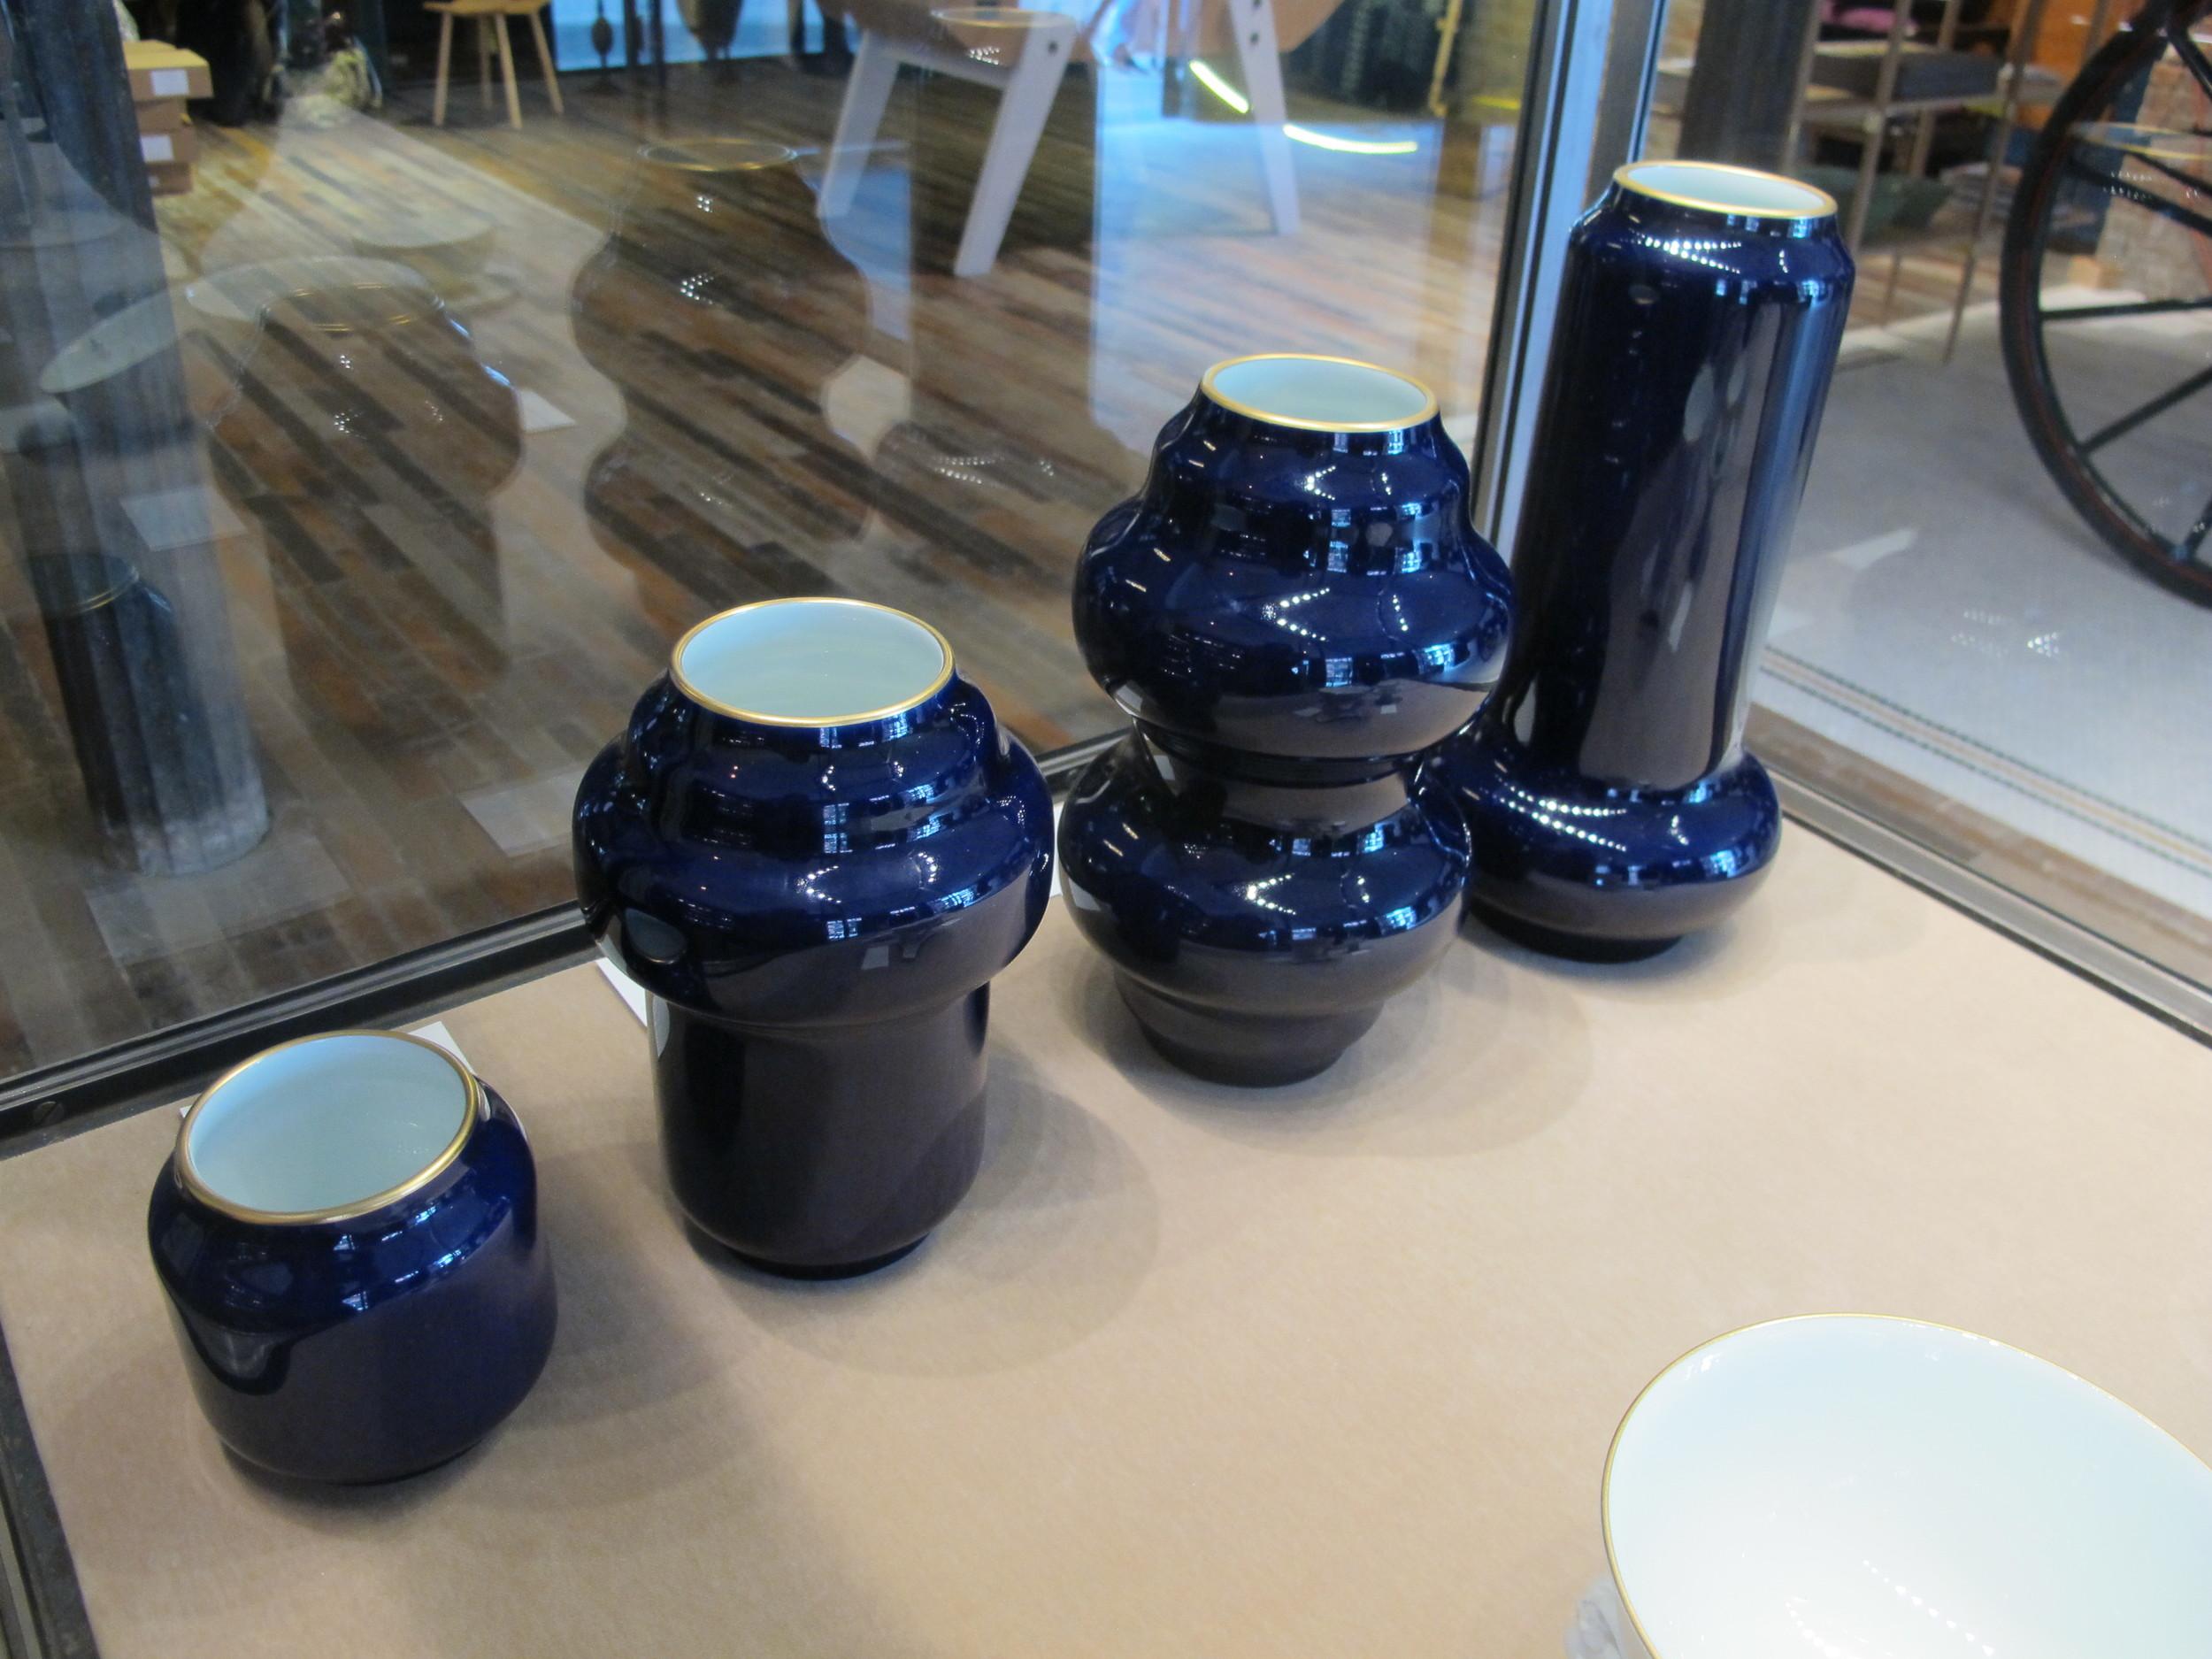 More Sèvres exquisite porcelain vases